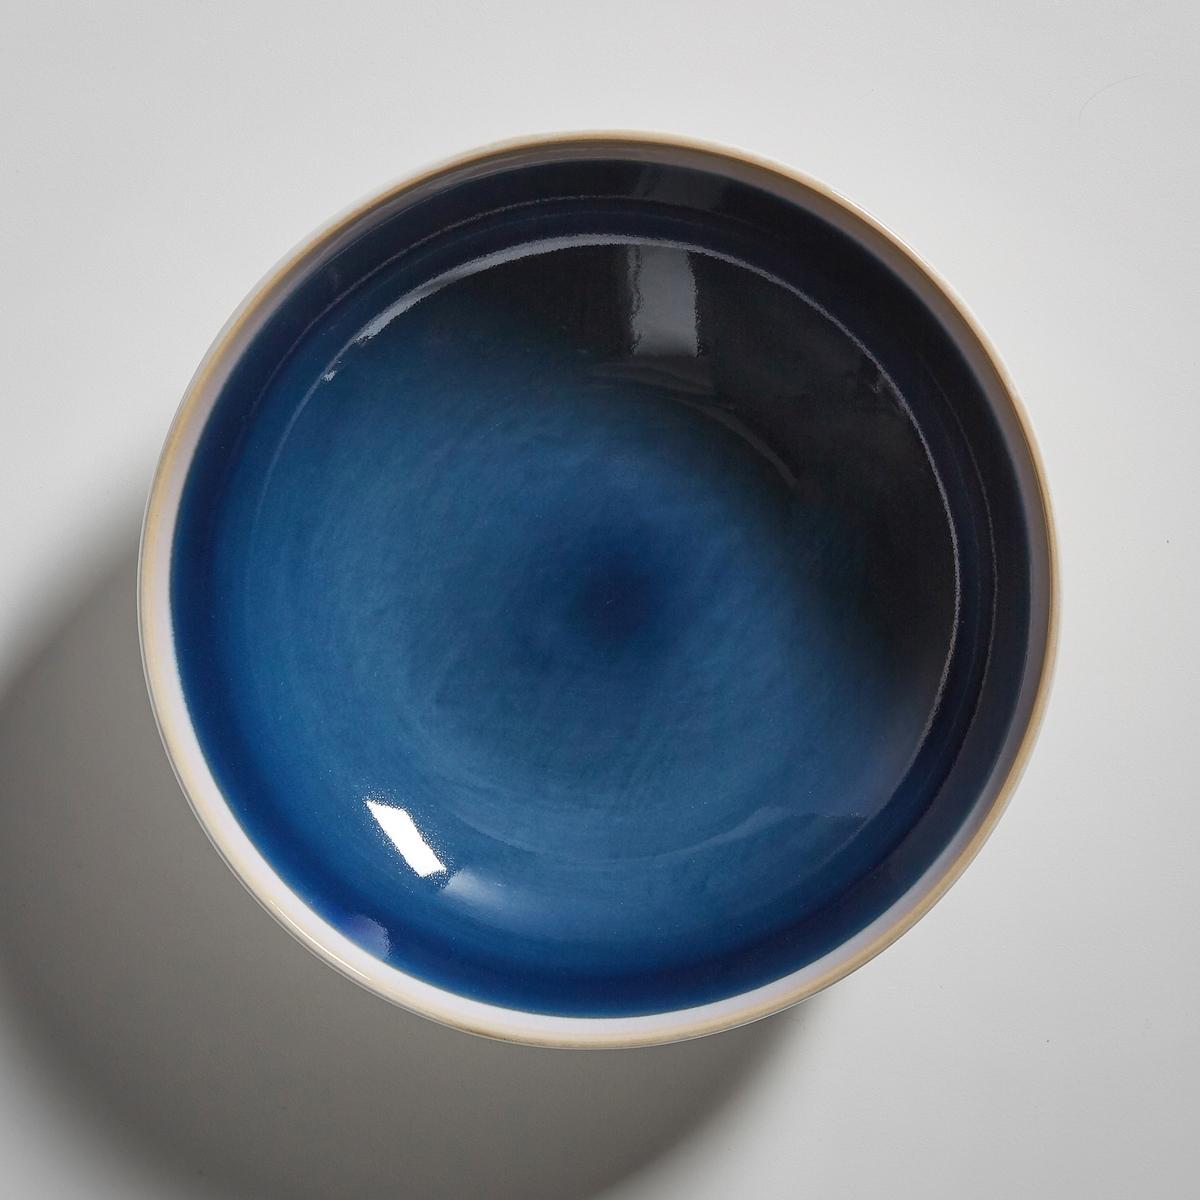 Комплект из 4 глубоких тарелок из керамики, DEONIE комплект из 4 глубоких тарелок из керамики deonie